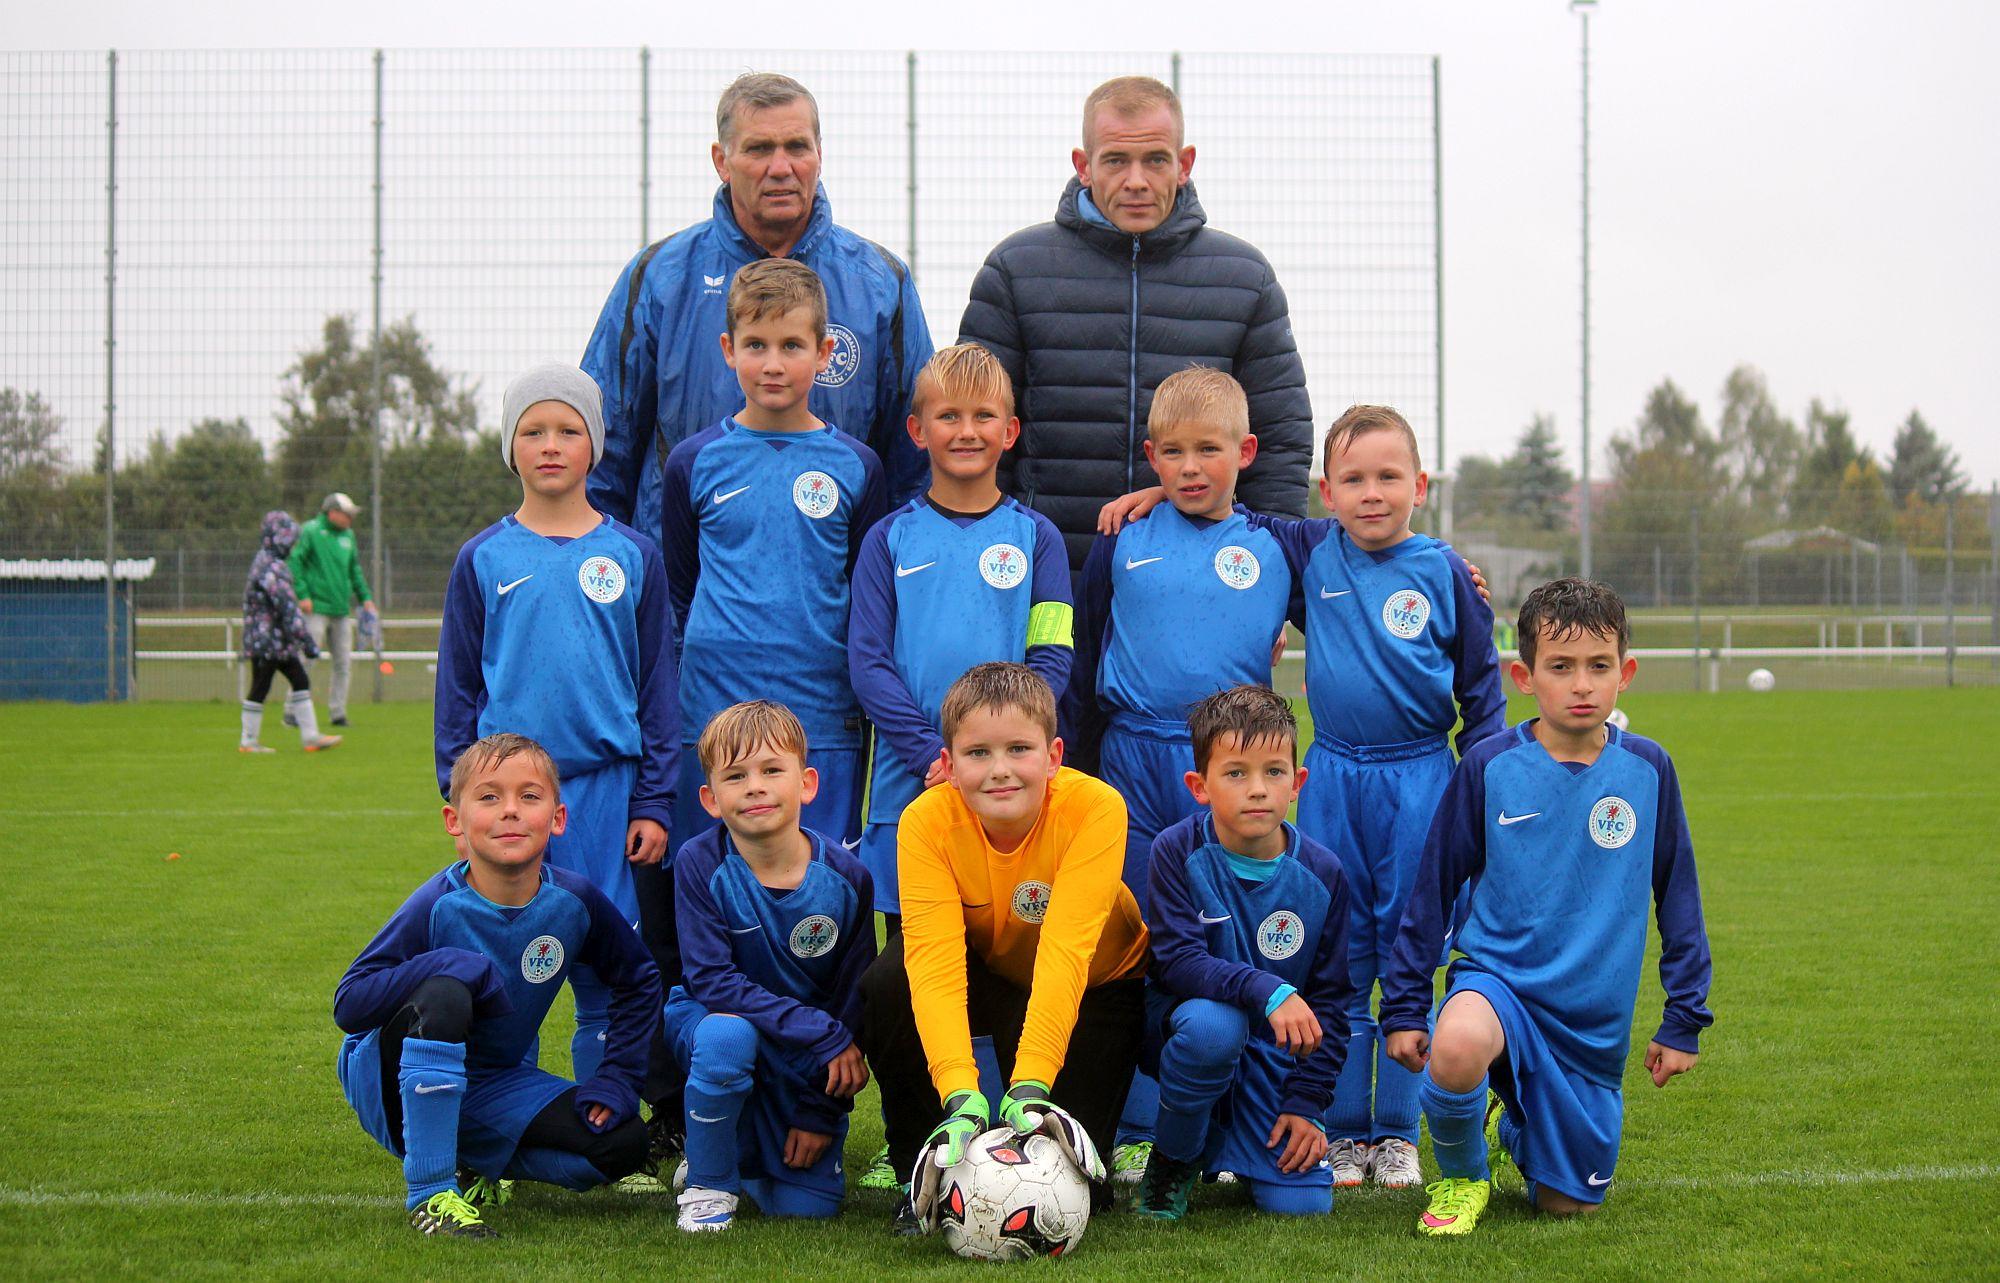 Futsal-Meisterschaft: F-Junioren lösen als Gruppensieger das Ticket für die Endrunde